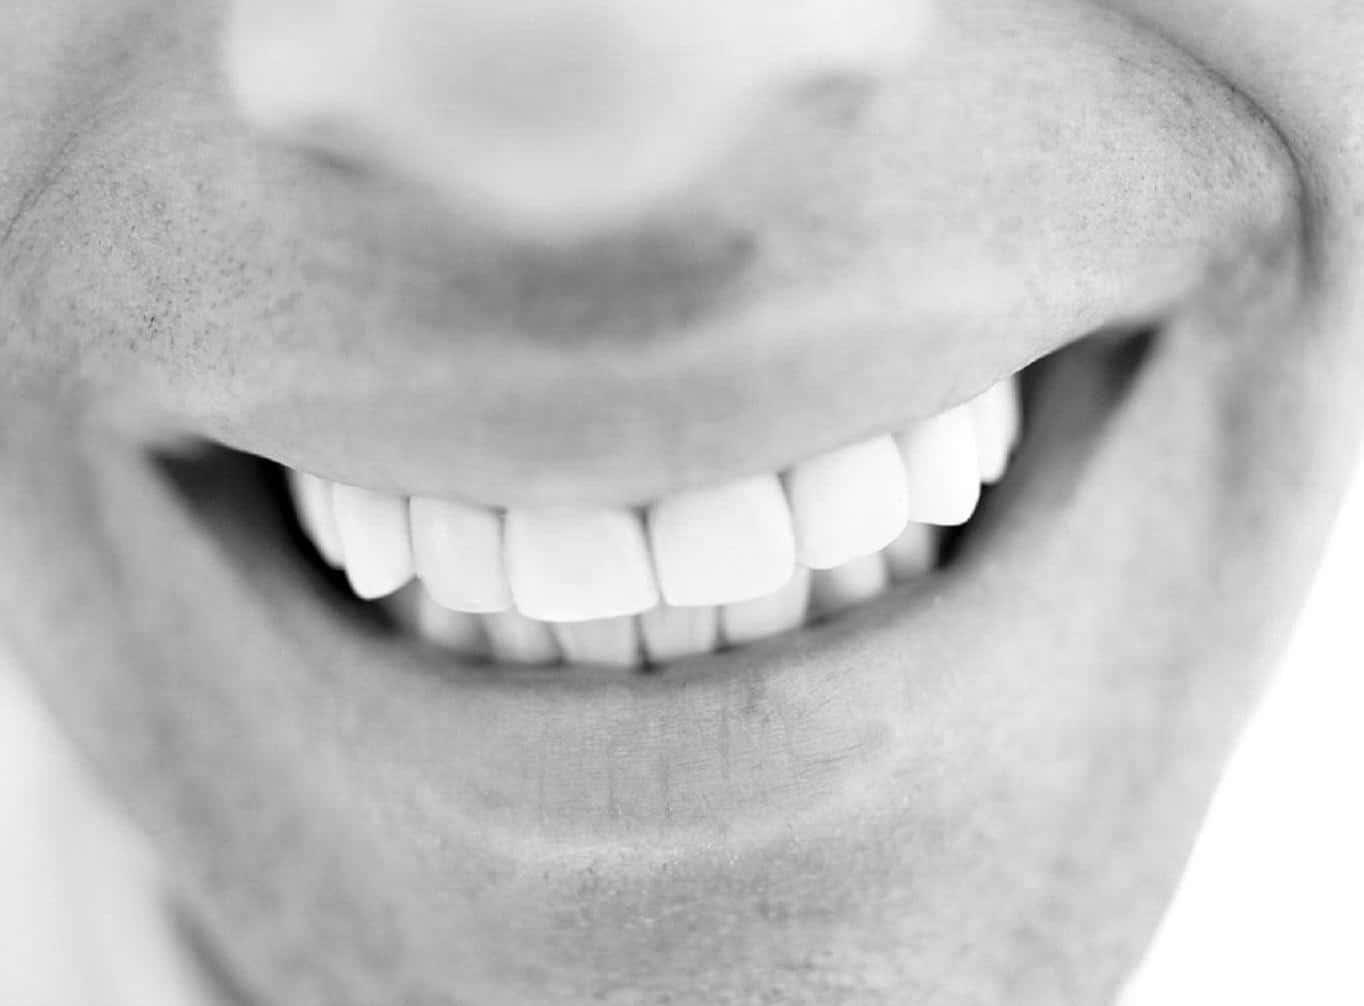 teeth whitening man